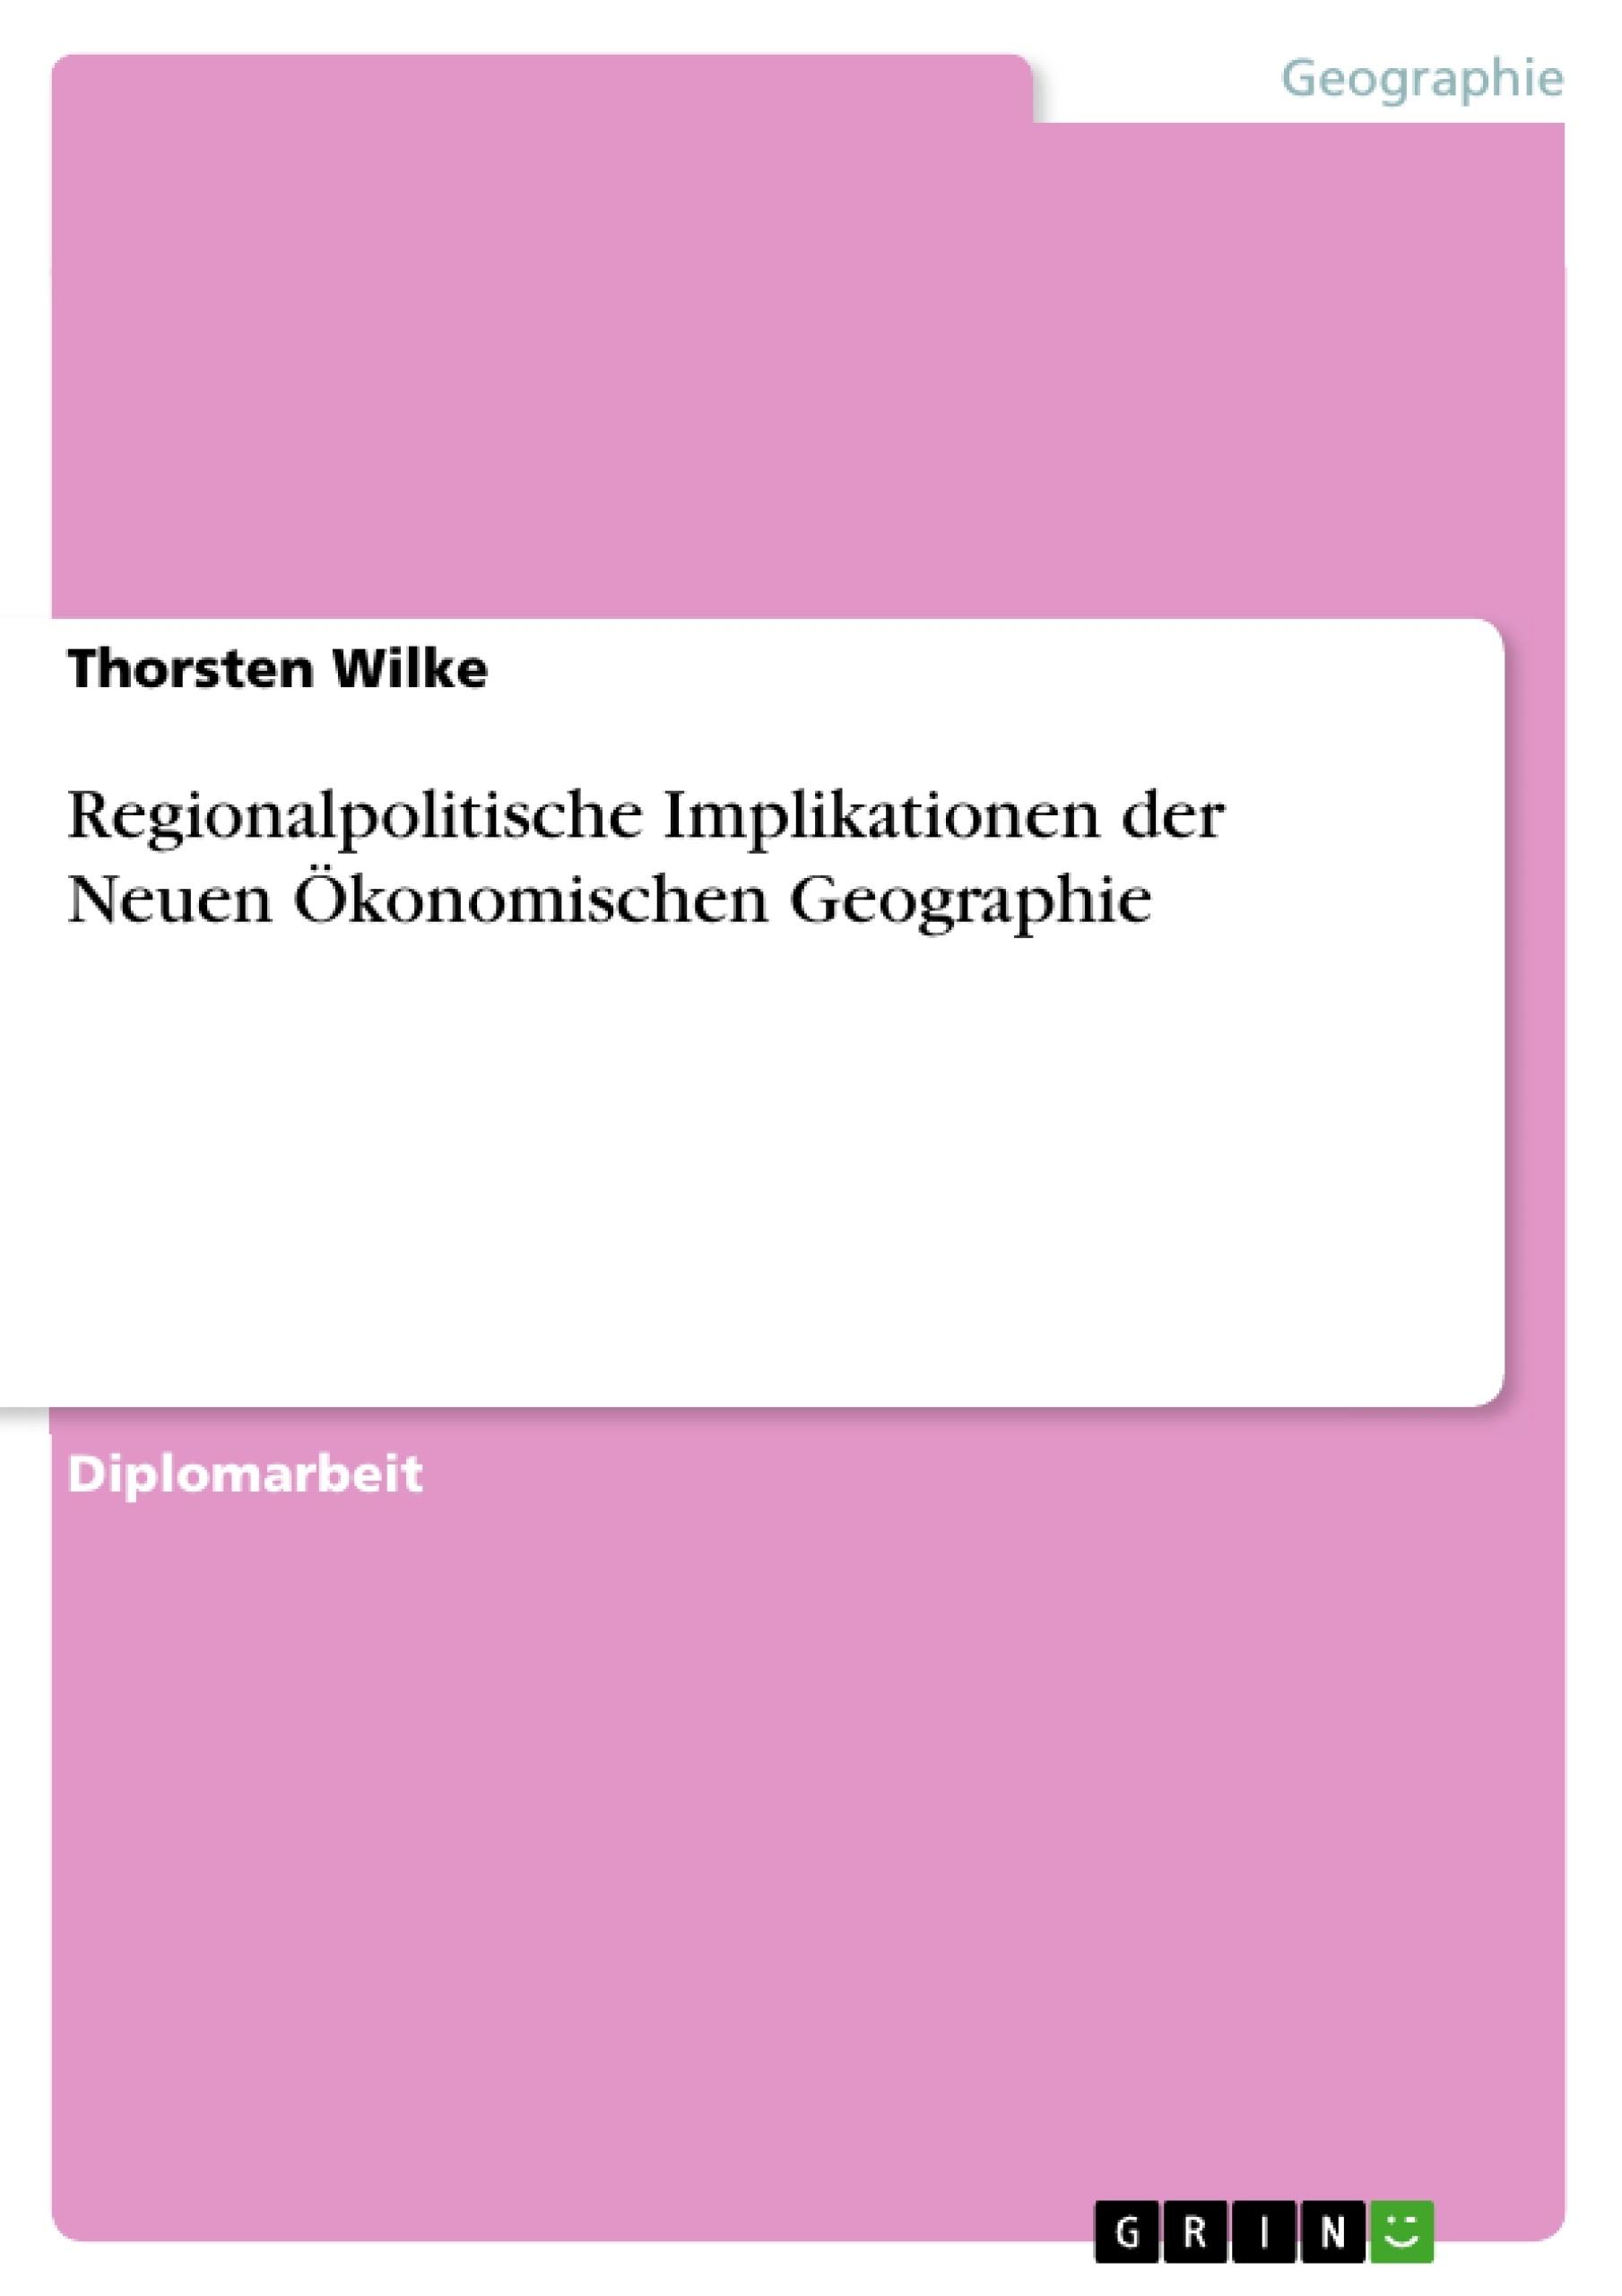 Titel: Regionalpolitische Implikationen der Neuen Ökonomischen Geographie